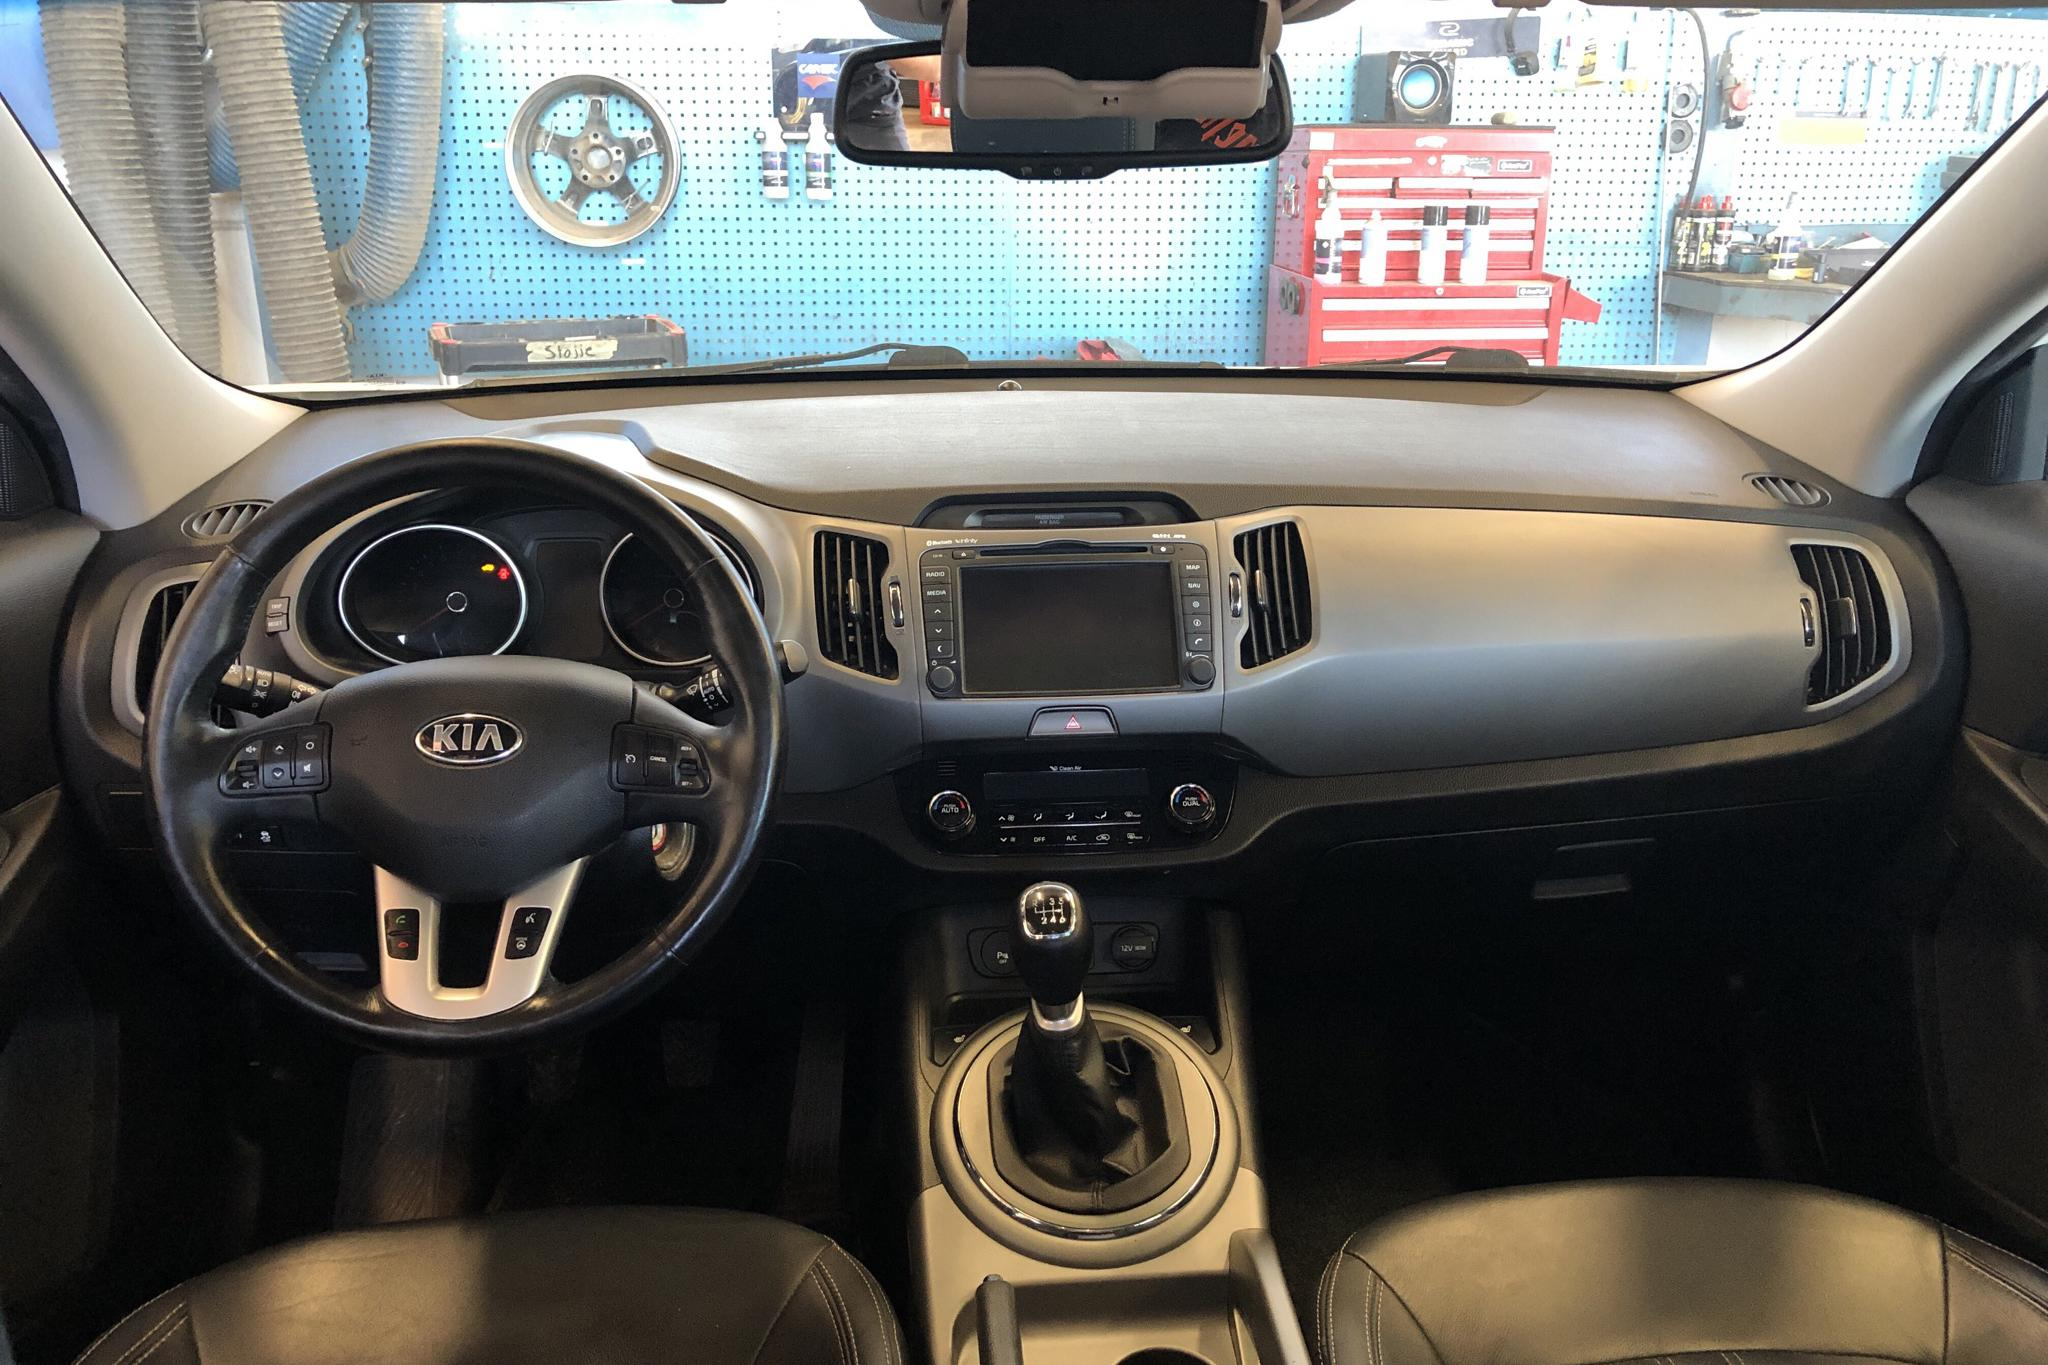 KIA Sportage 1.6 2WD (136hk) - 8 185 mil - Manuell - vit - 2014